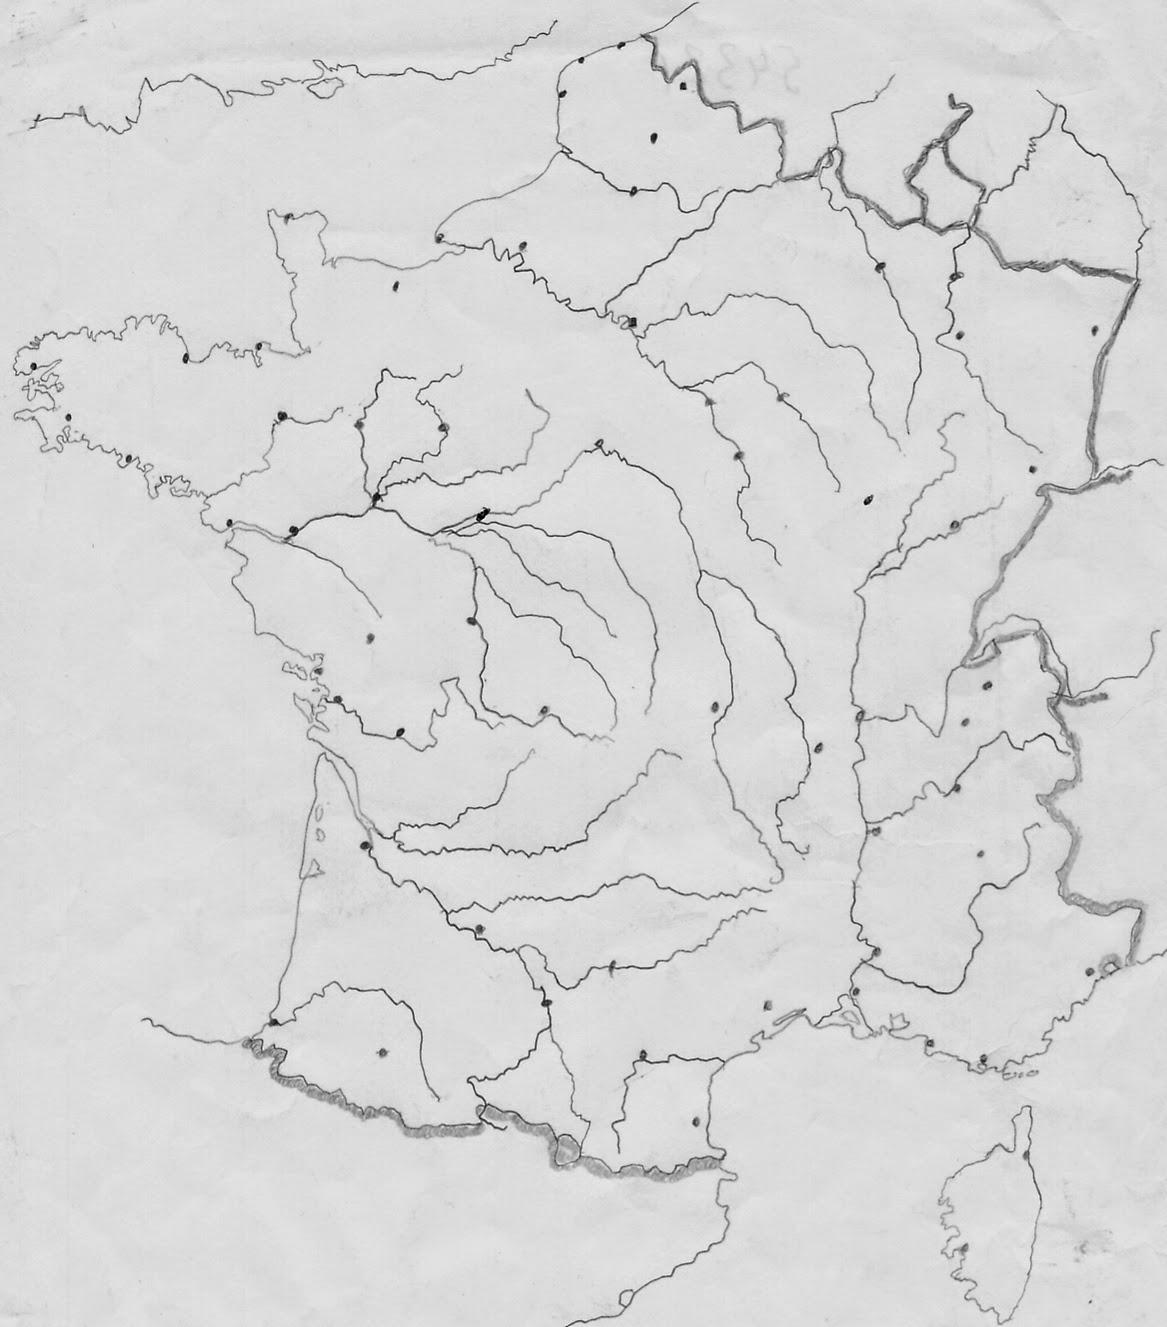 Histoire Géographie De St-Denis - Cours Et Documents: Carte destiné Carte France Vierge Villes